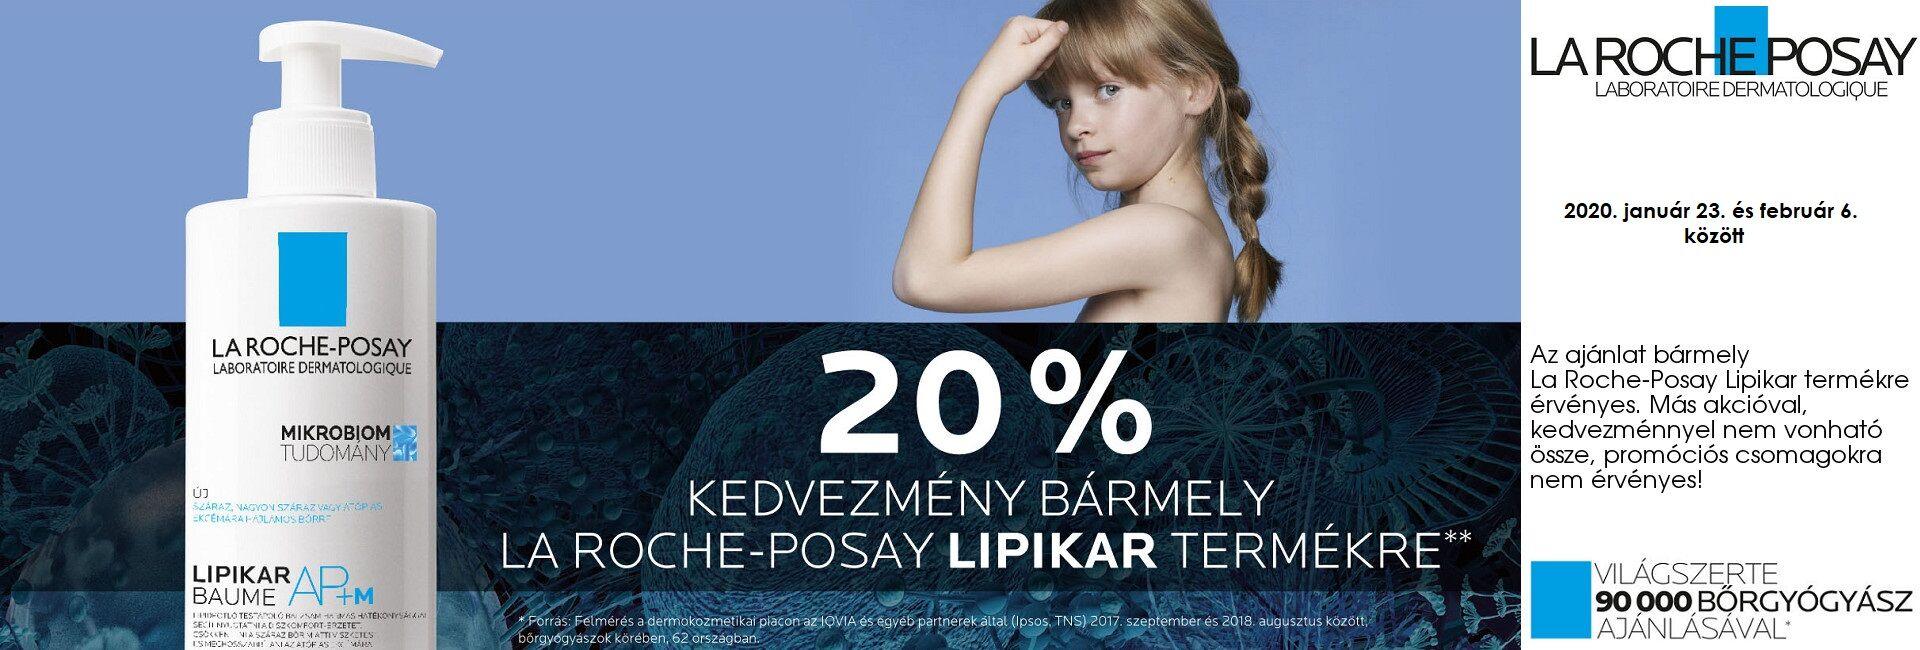 2020. január 23. és február 6. között minden La Roche-Posay Lipikar terméket 20% kedvezménnyel kínálunk!